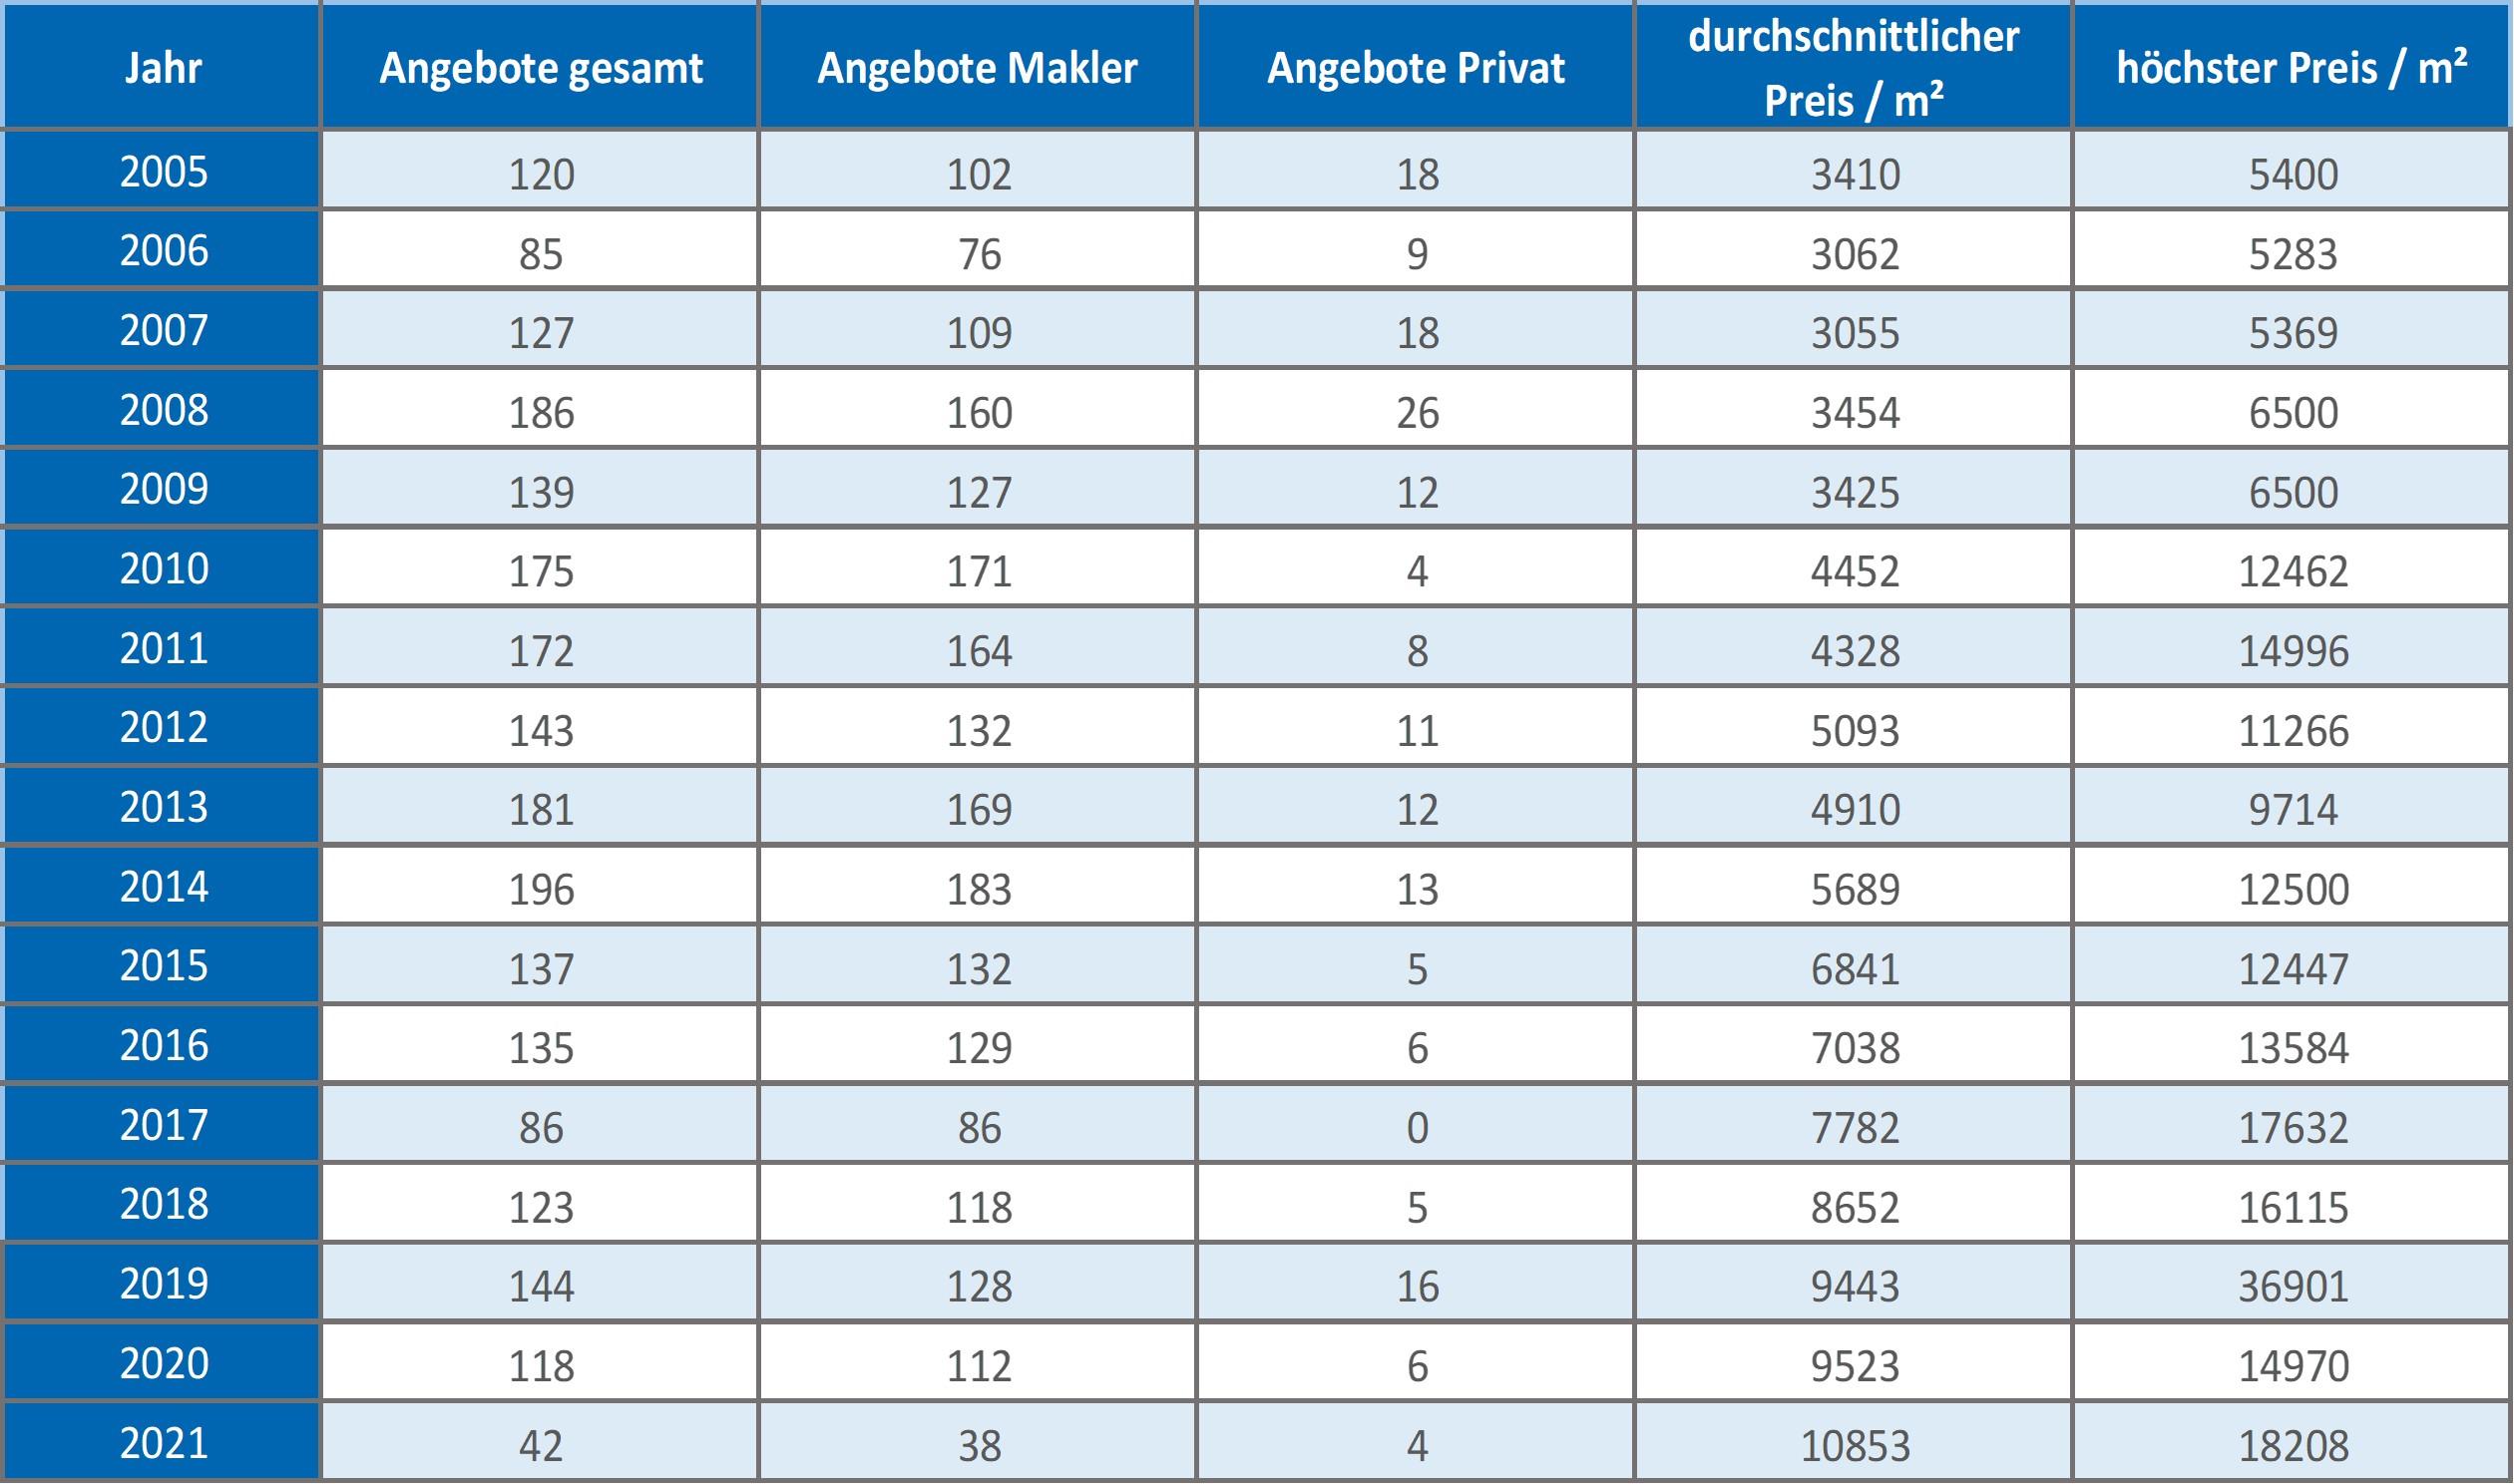 Rottach-Egern Wohnung kaufen verkaufen Preis Bewertung Makler www.happy-immo.de 2019 2020 2021